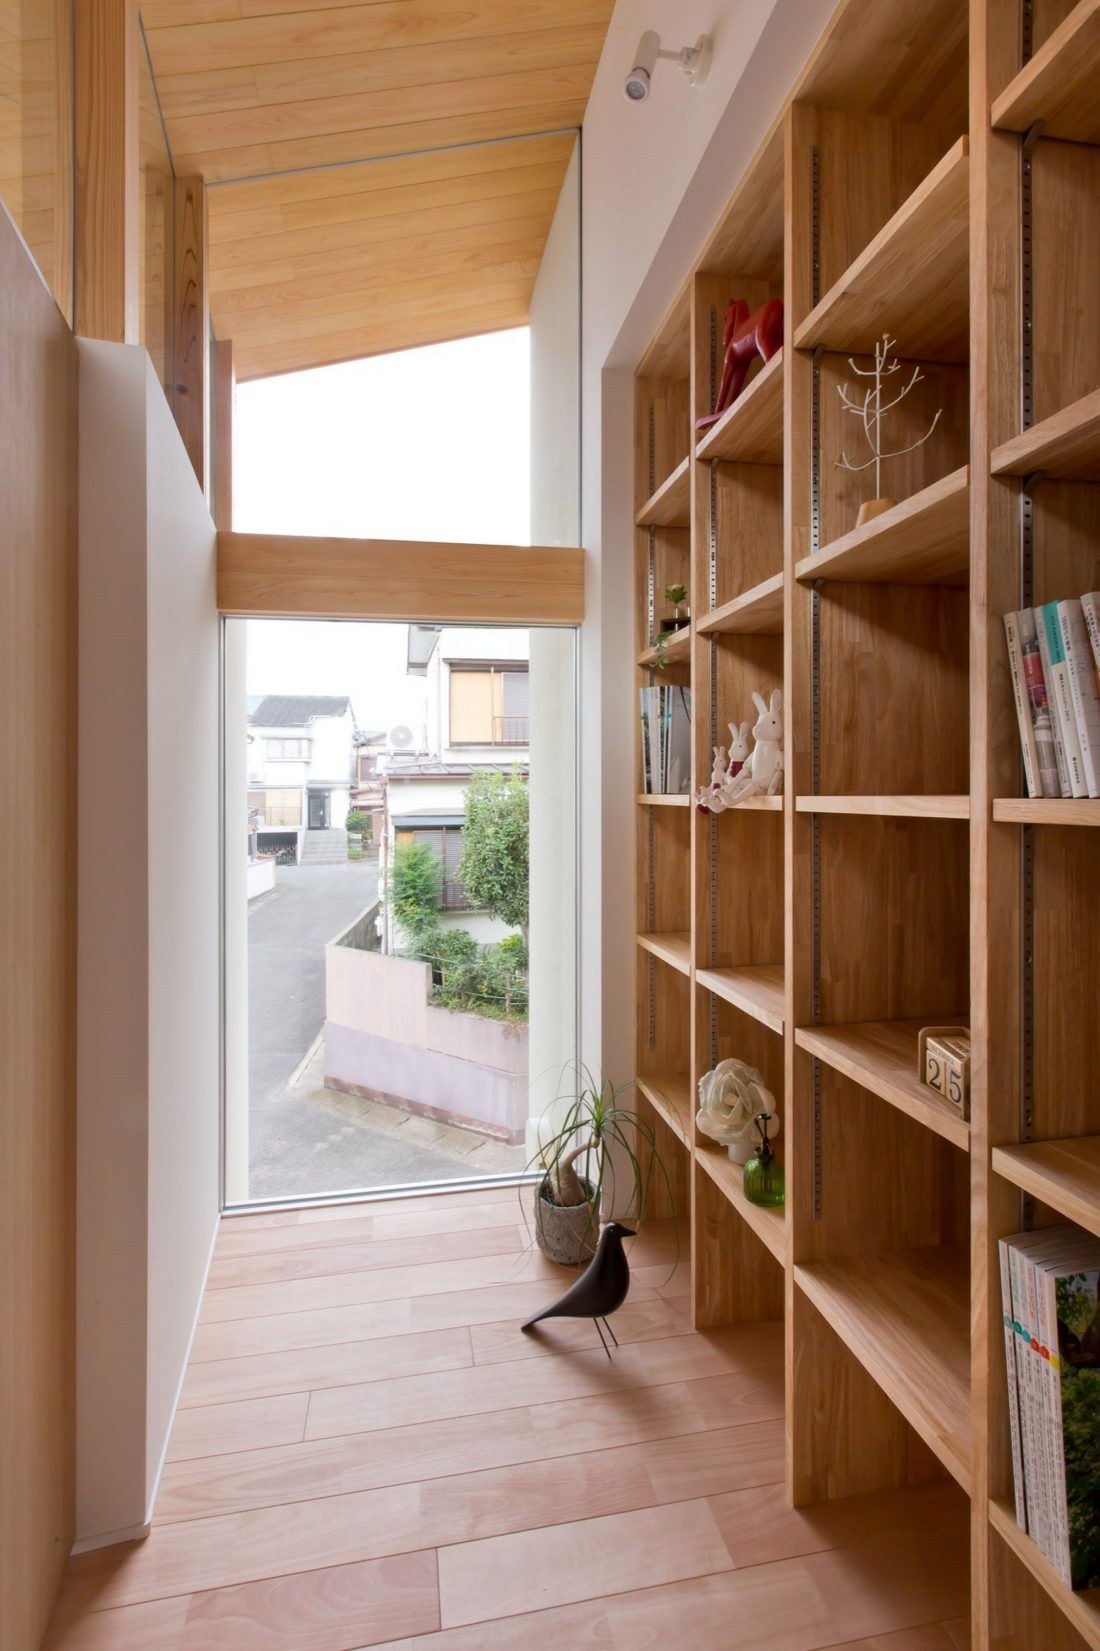 dom-v-stile-yaponskogo-minimalizma-v-kioto-proekt-alts-design-office-9